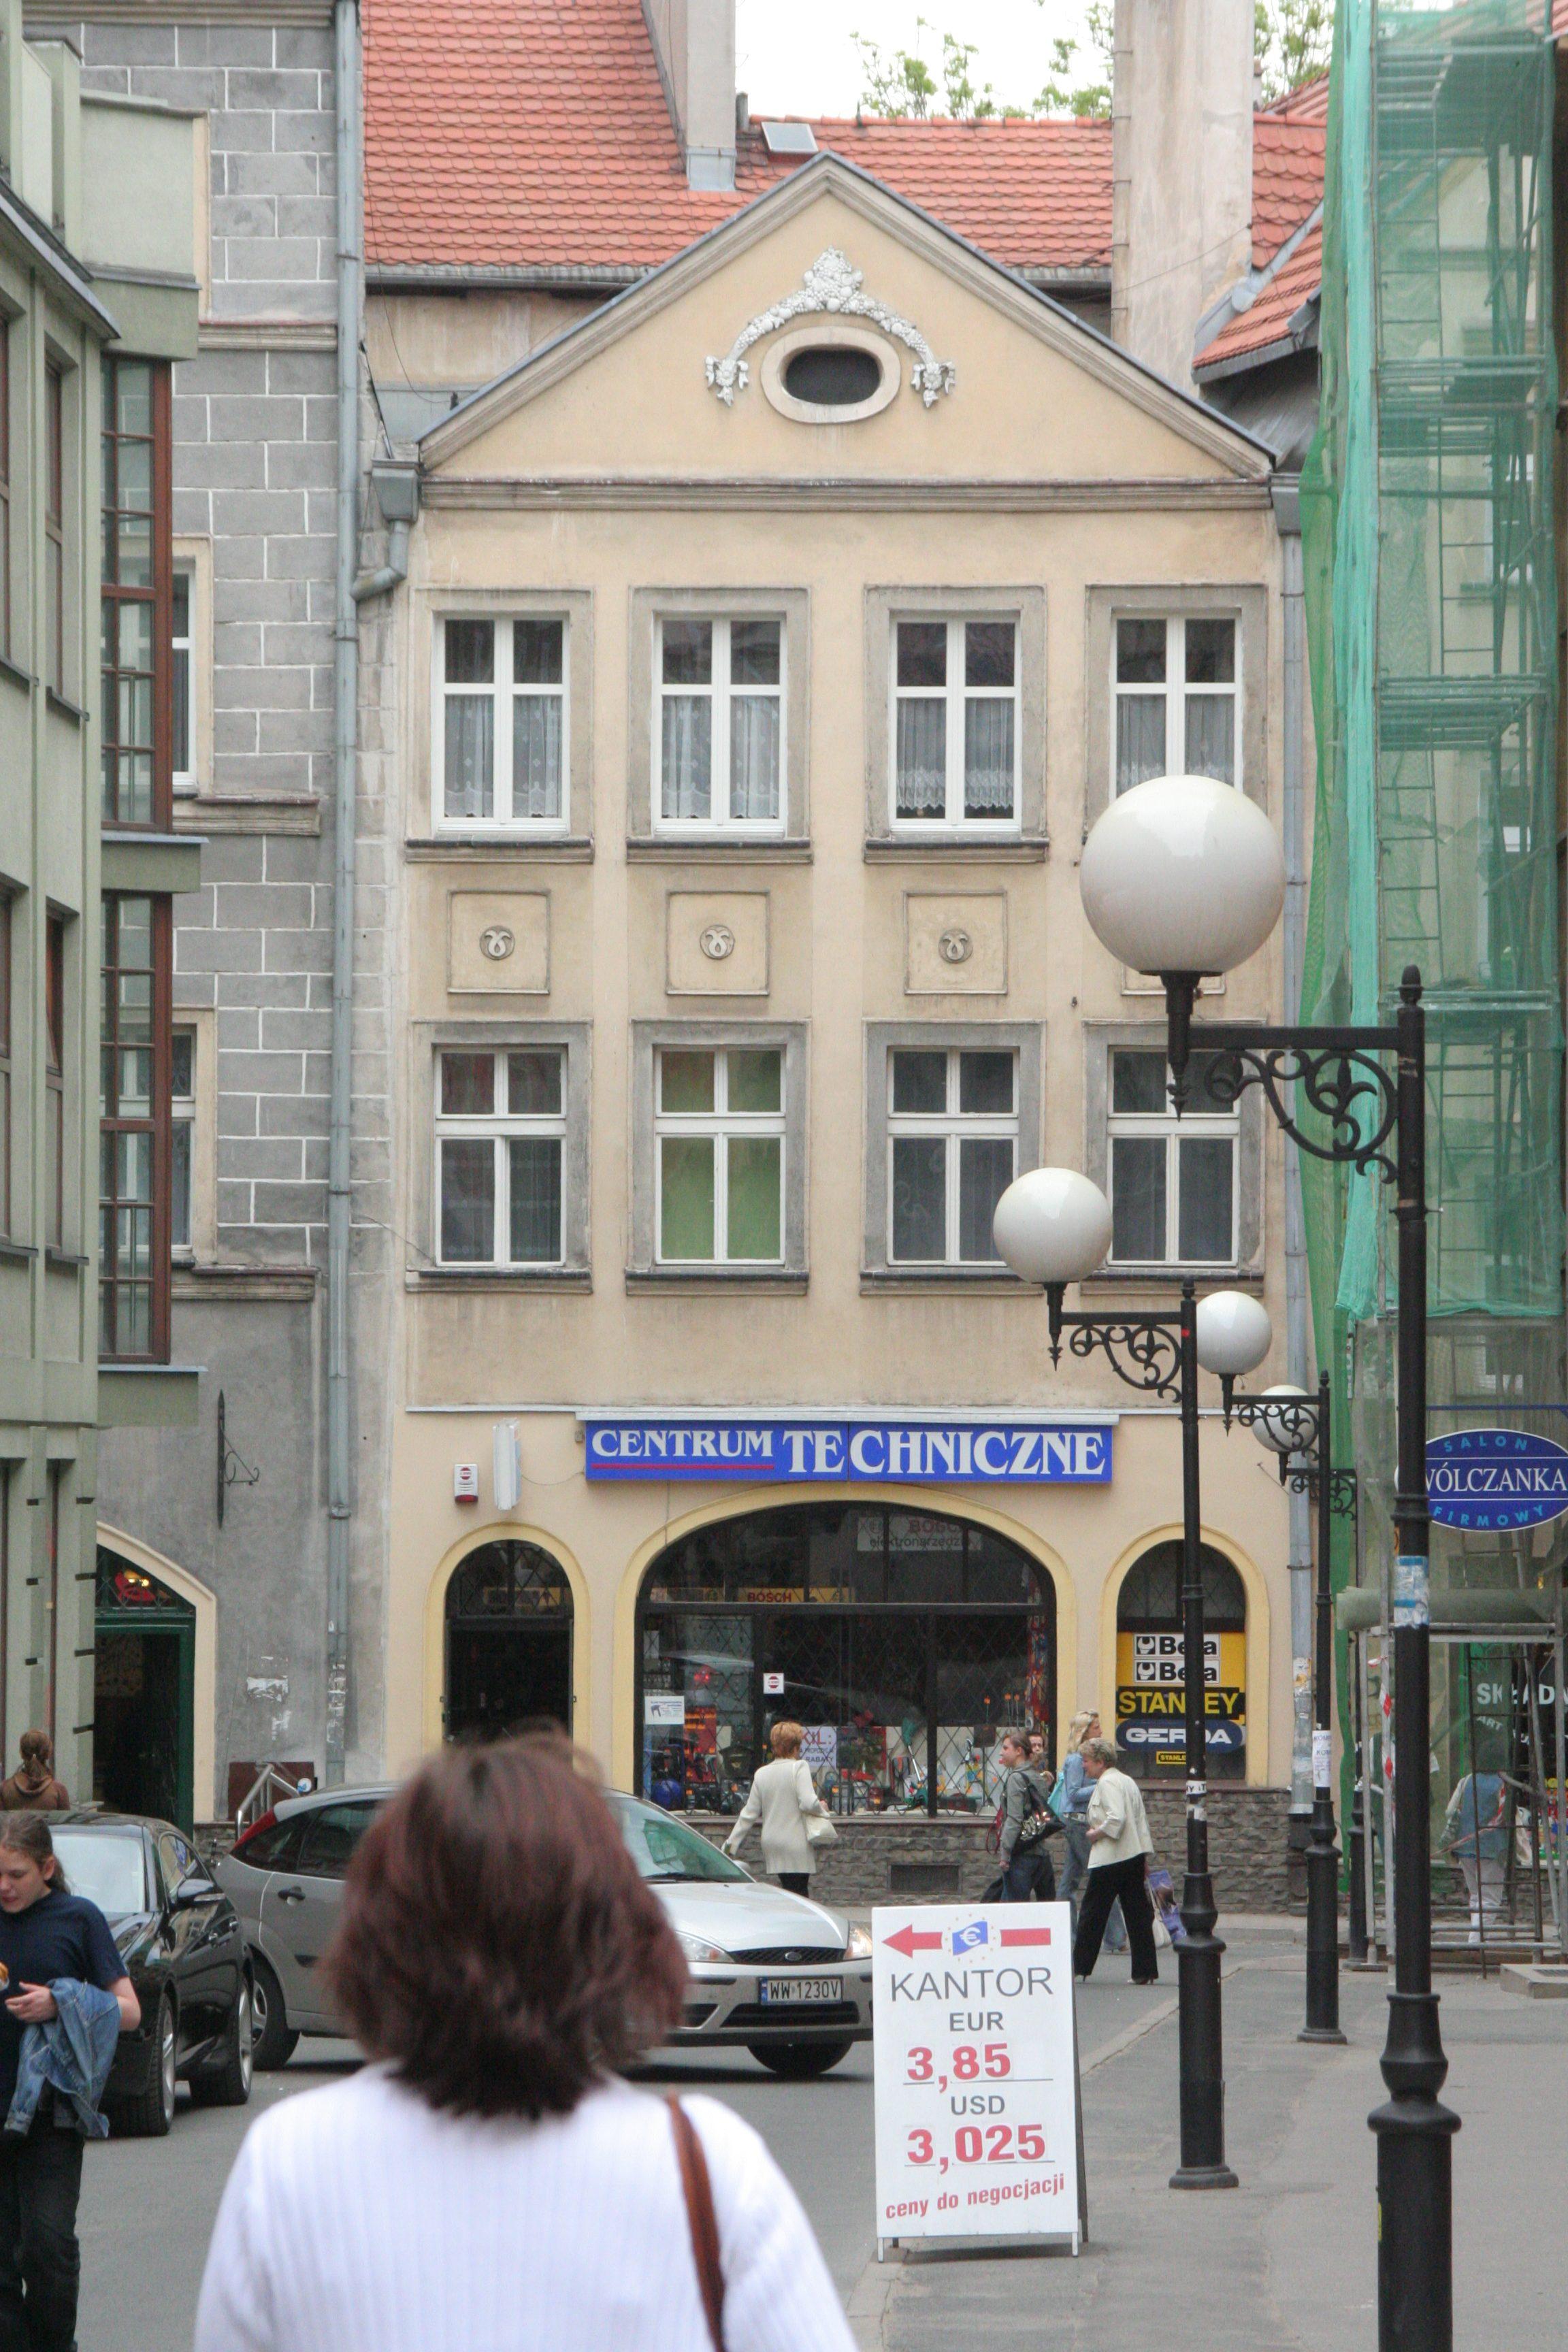 Jelenia Gora - Centrum